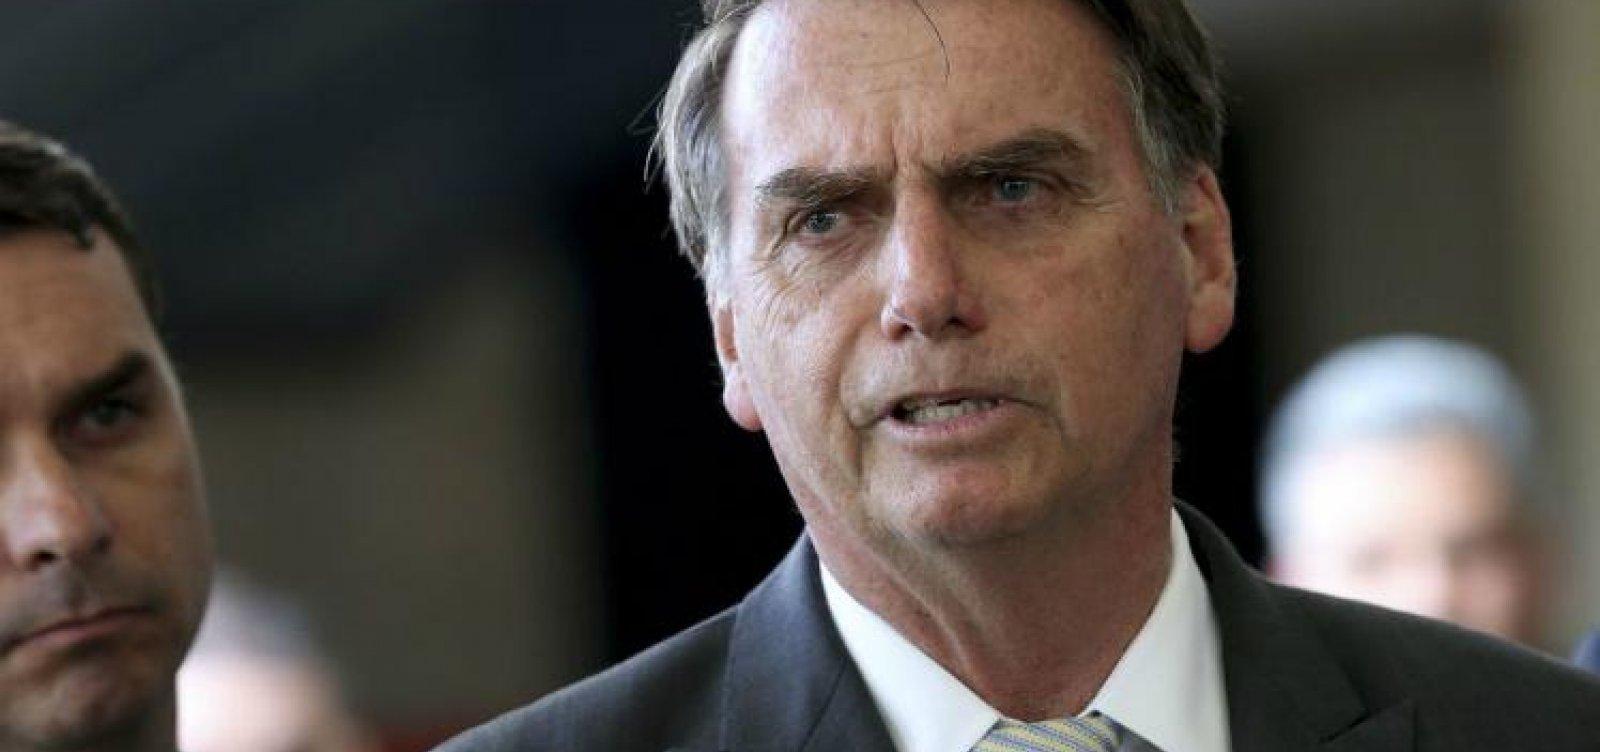 ['Somos os pobres da história', diz Bolsonaro, sobre disputa com Trump]